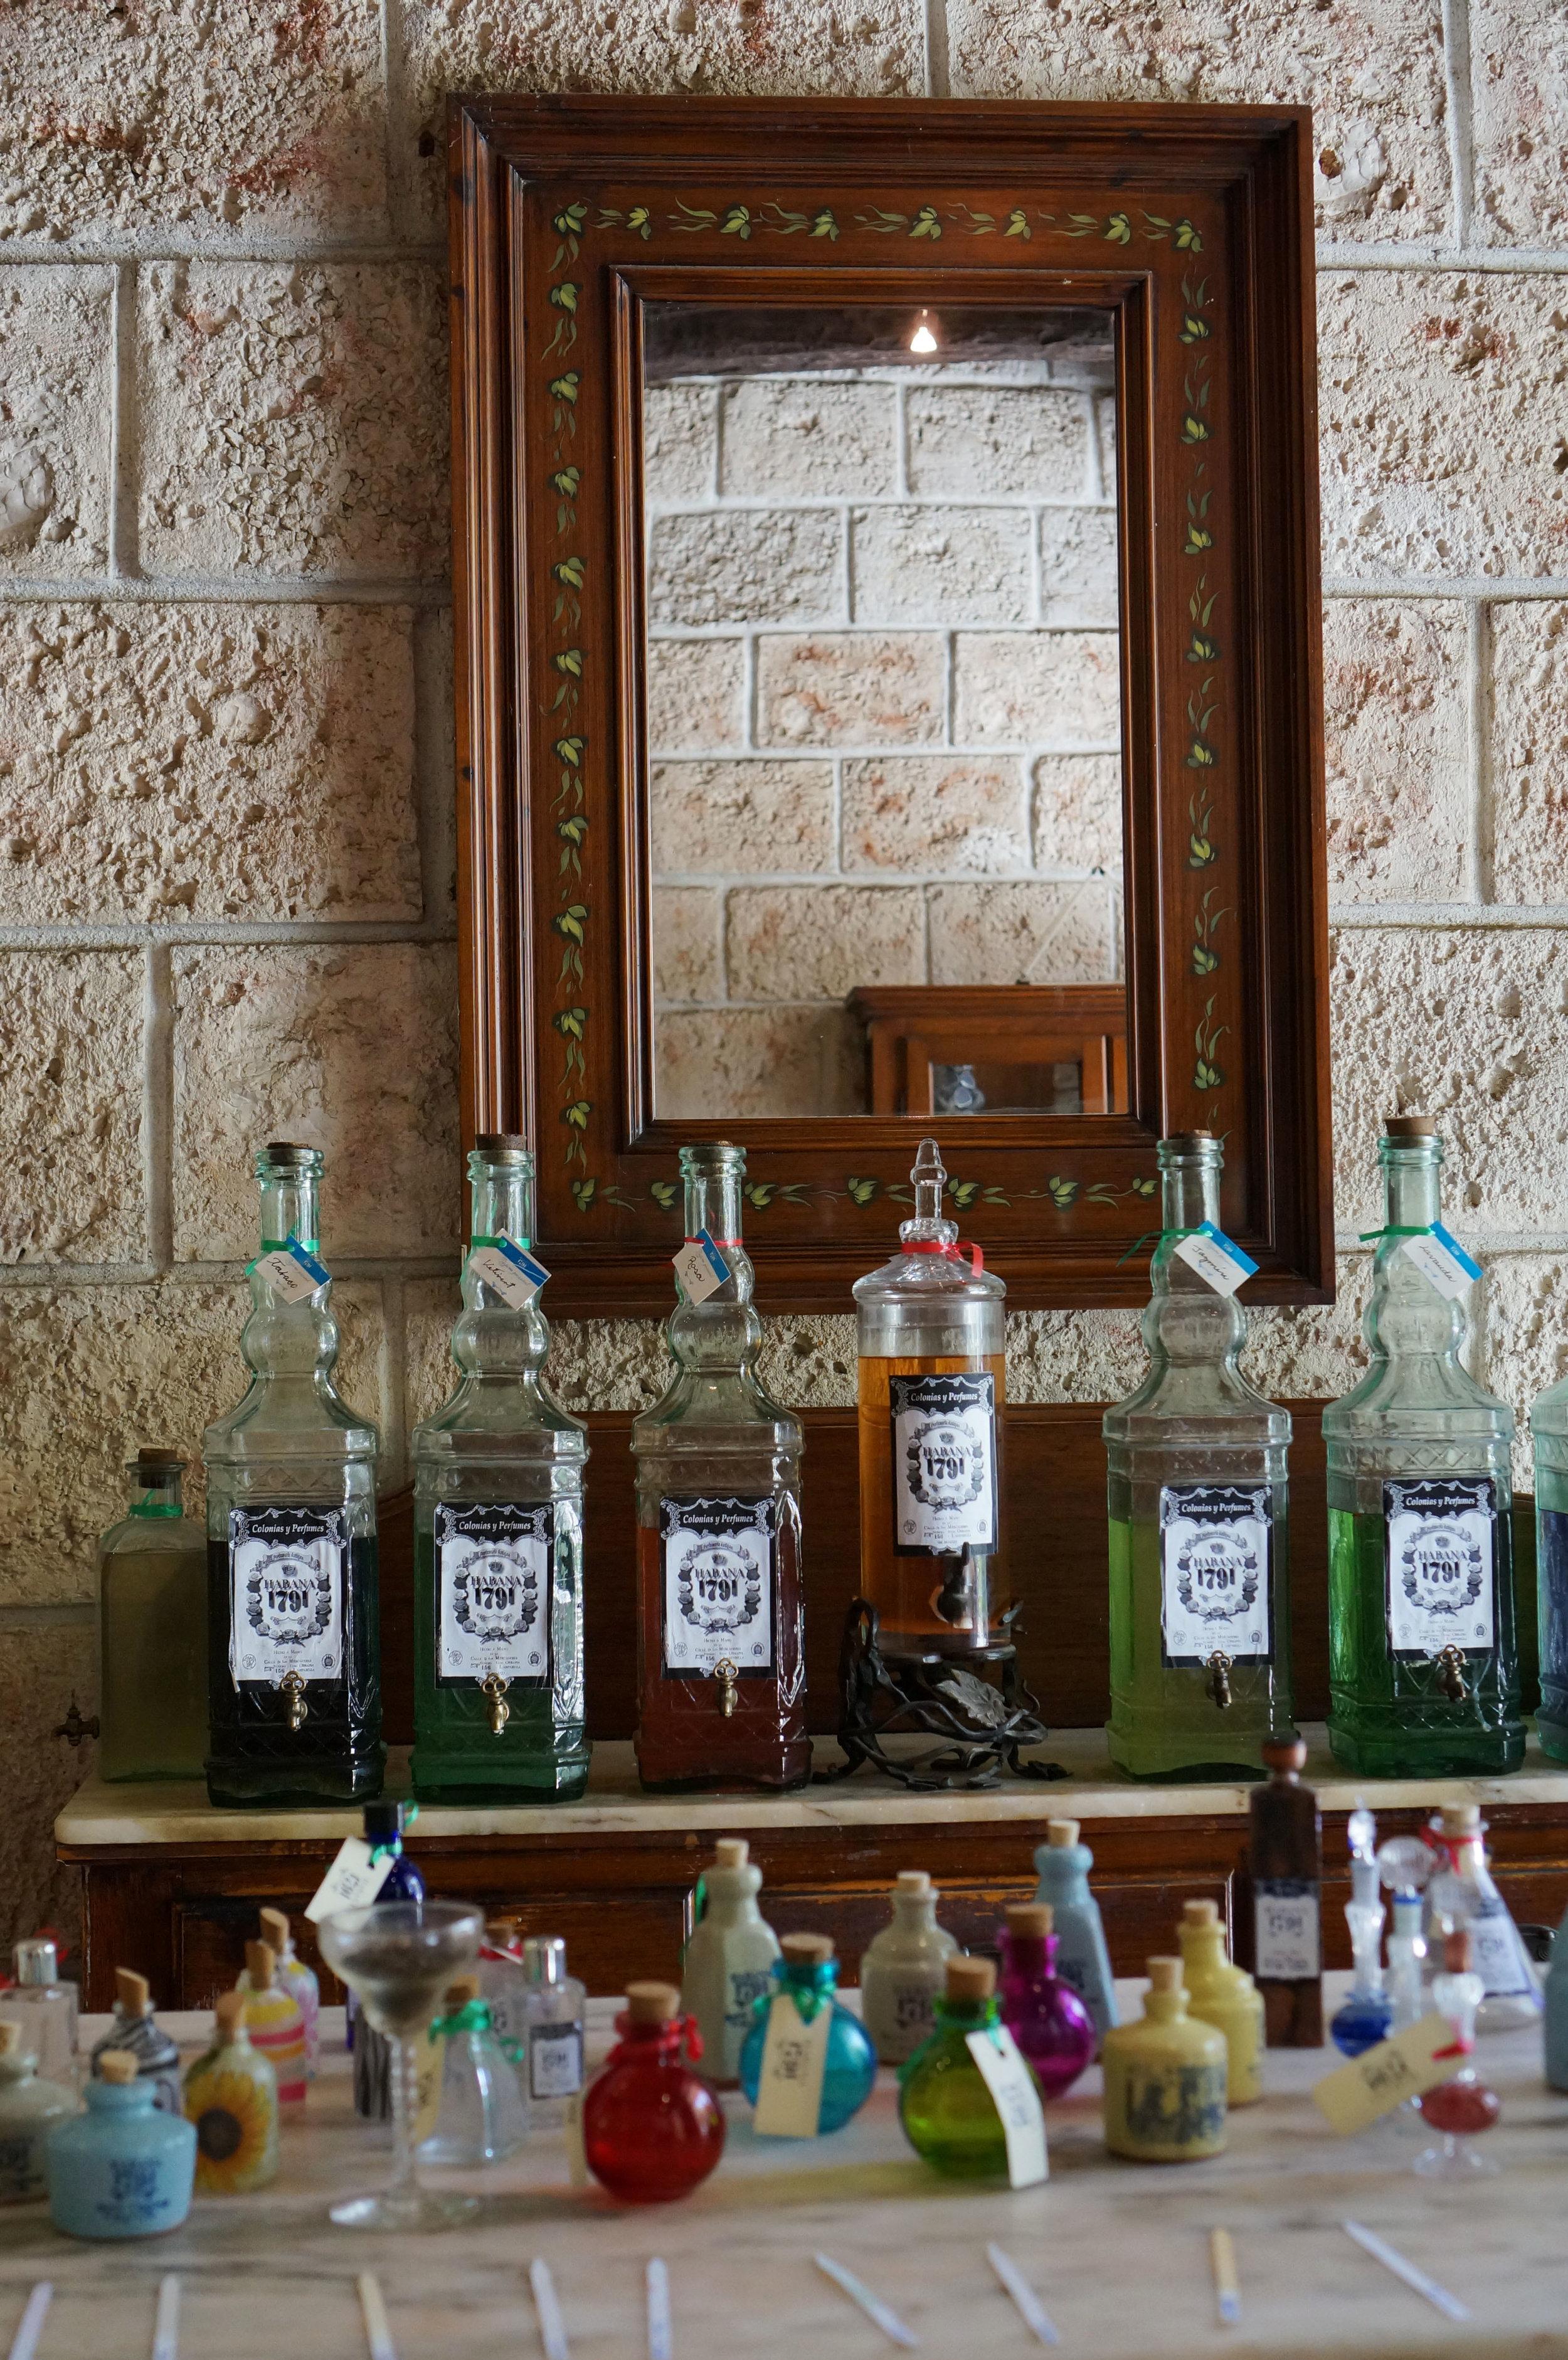 Habana 1791 - A perfumeria in Havana Vieja